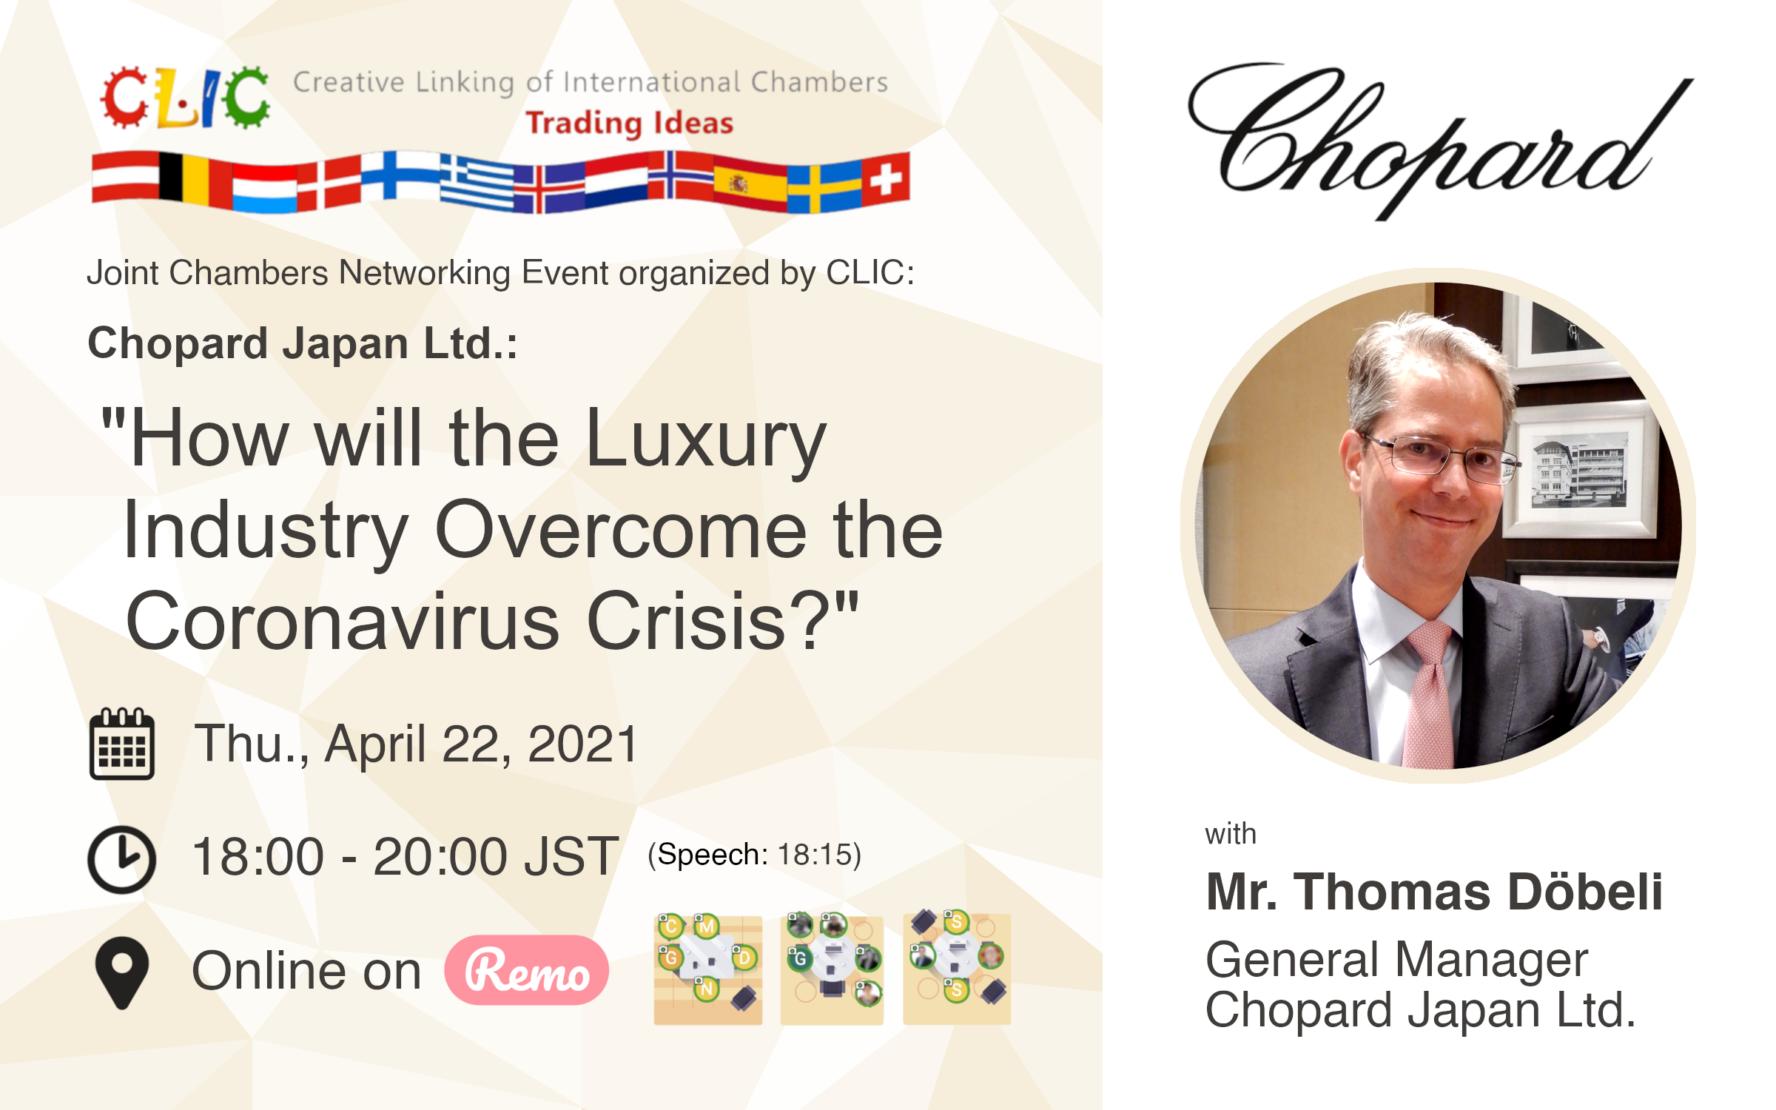 The 9th CLIC Event: Chopard Japan Ltd.